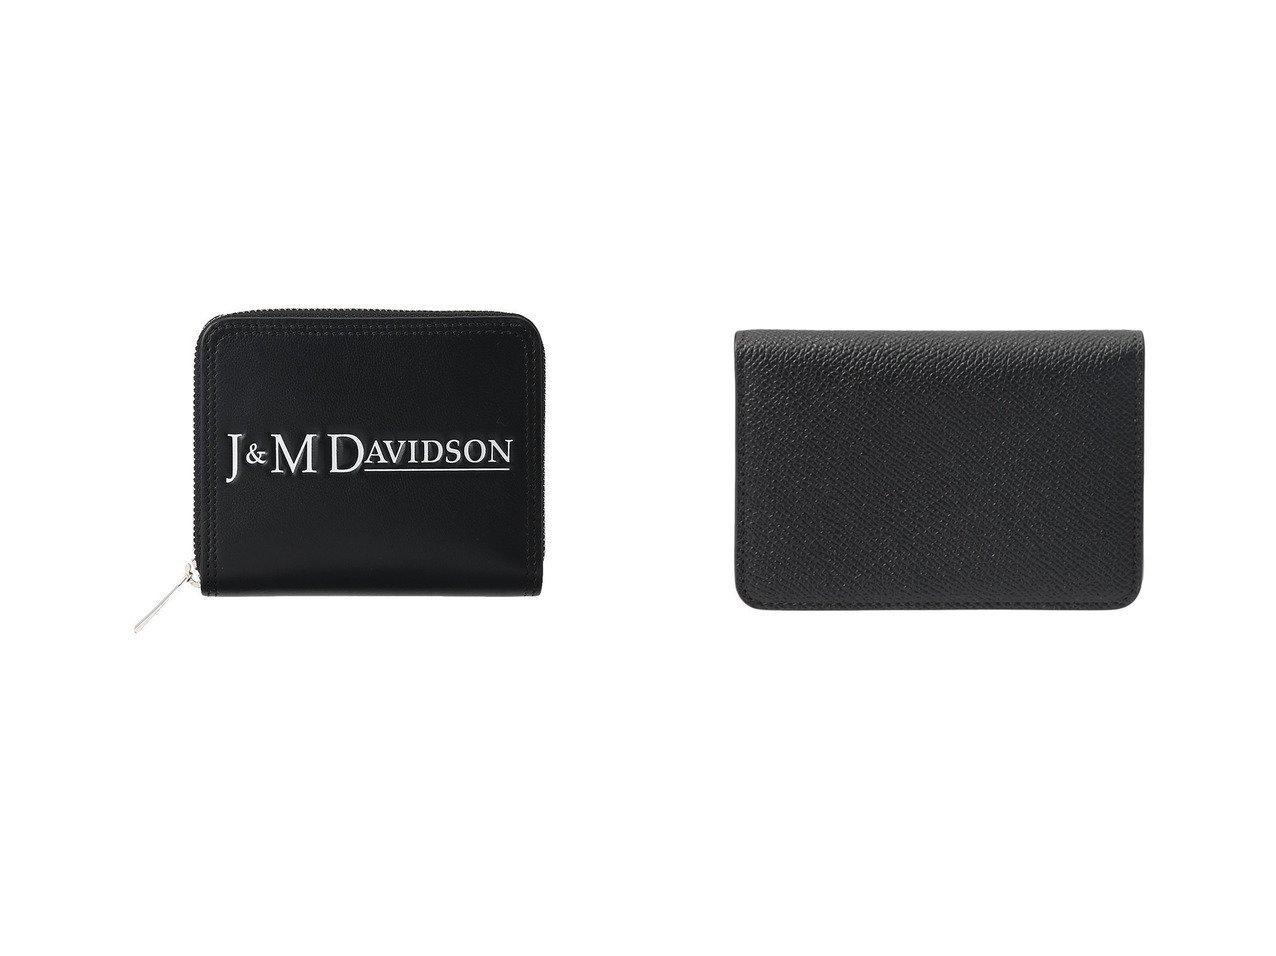 【MAISON MARGIELA/メゾン マルジェラ】の【UNISEX】グレイニーレザーカードケース 名刺入れ&【J&M DAVIDSON/ジェイアンドエム デヴィッドソン】のSMALL ZIP WALLET(Logo) おすすめ!人気トレンド・レディースファッションの通販 おすすめで人気の流行・トレンド、ファッションの通販商品 メンズファッション・キッズファッション・インテリア・家具・レディースファッション・服の通販 founy(ファニー) https://founy.com/ ファッション Fashion レディースファッション WOMEN カードケース/名刺入れ Card Cases 財布 Wallets 2021年 2021 2021春夏・S/S SS/Spring/Summer/2021 S/S・春夏 SS・Spring/Summer UNISEX おすすめ Recommend シンプル スタイリッシュ スマート ポケット 春 Spring ウォレット コイン コンパクト 財布 |ID:crp329100000028941